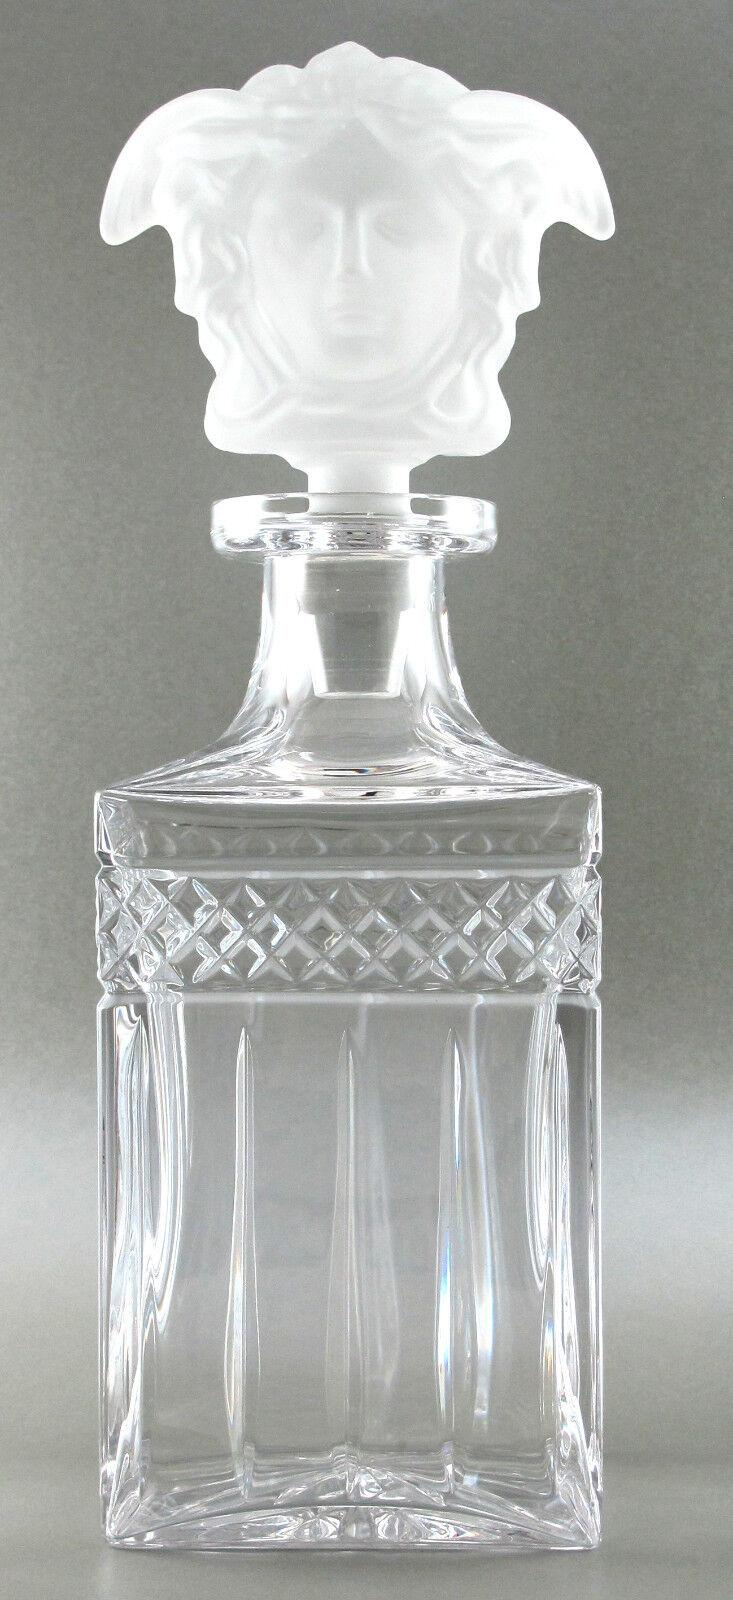 Whisky Carafe-bleikristall environ 0,6 L contenu Avec Bouchon Motif  Janus  ae545